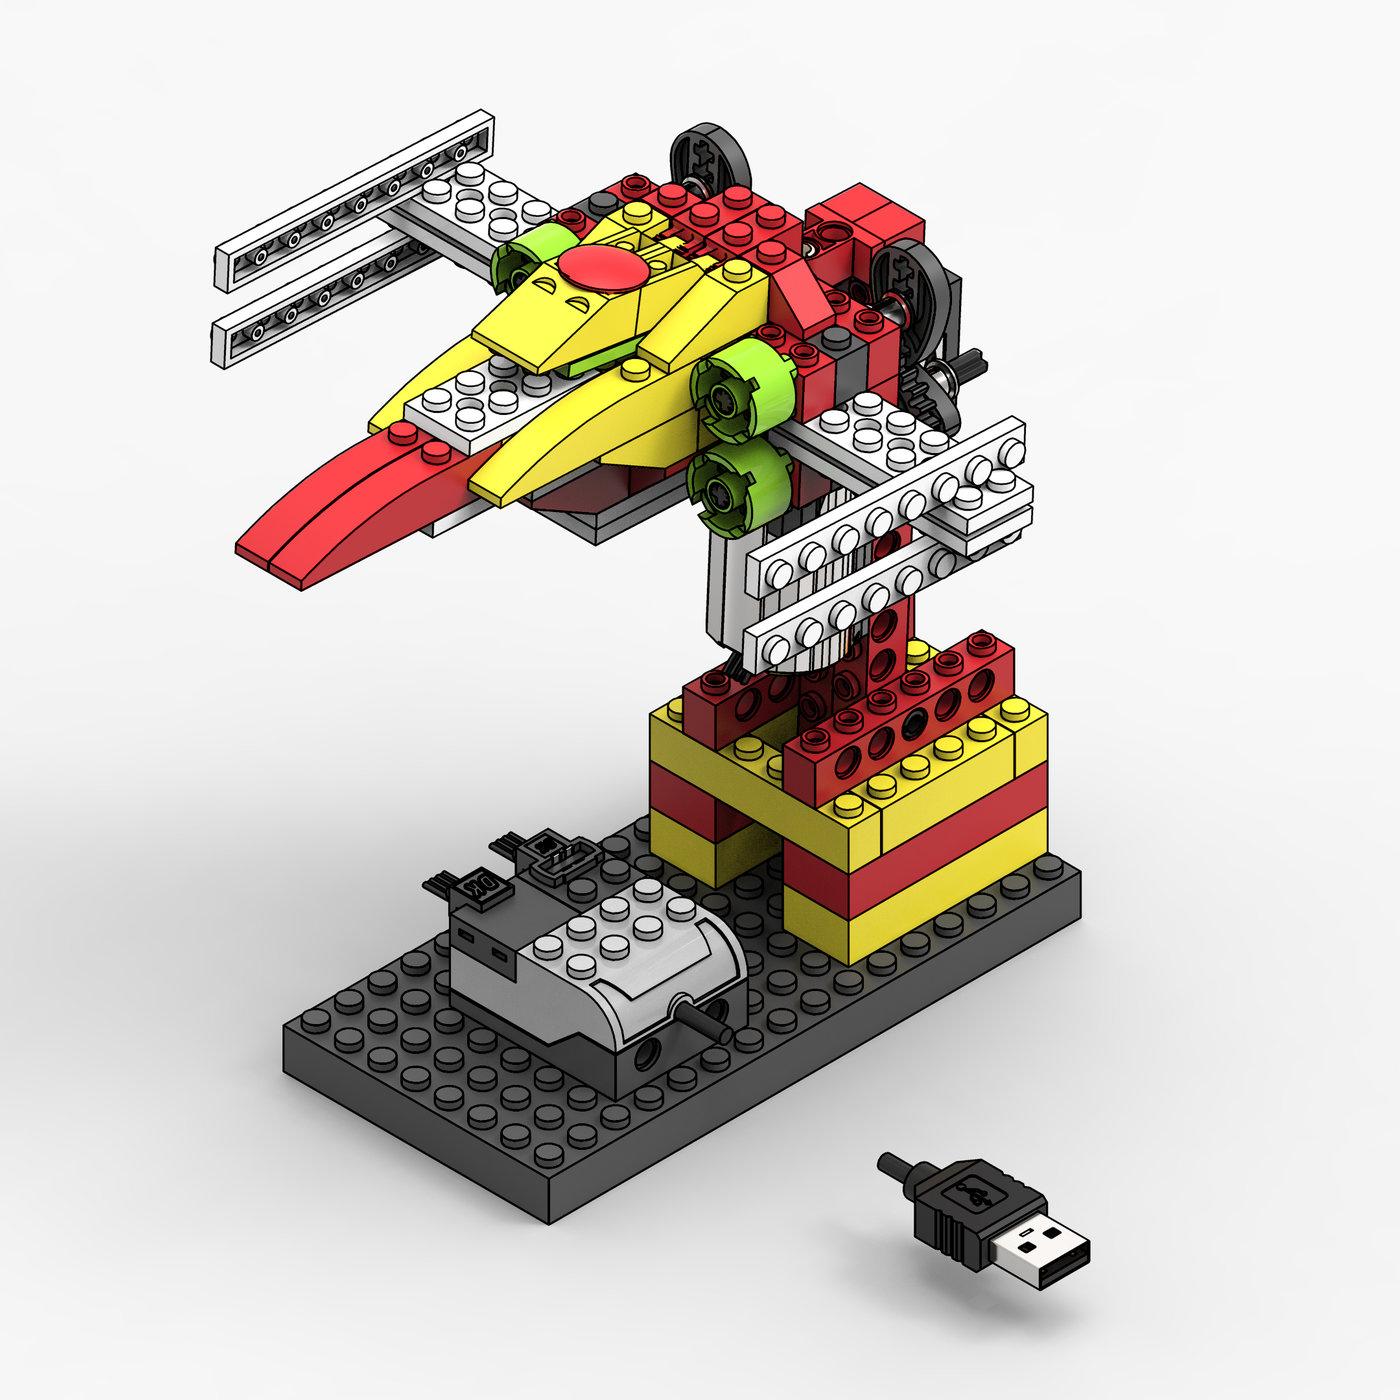 LEGO WeDo X-wing